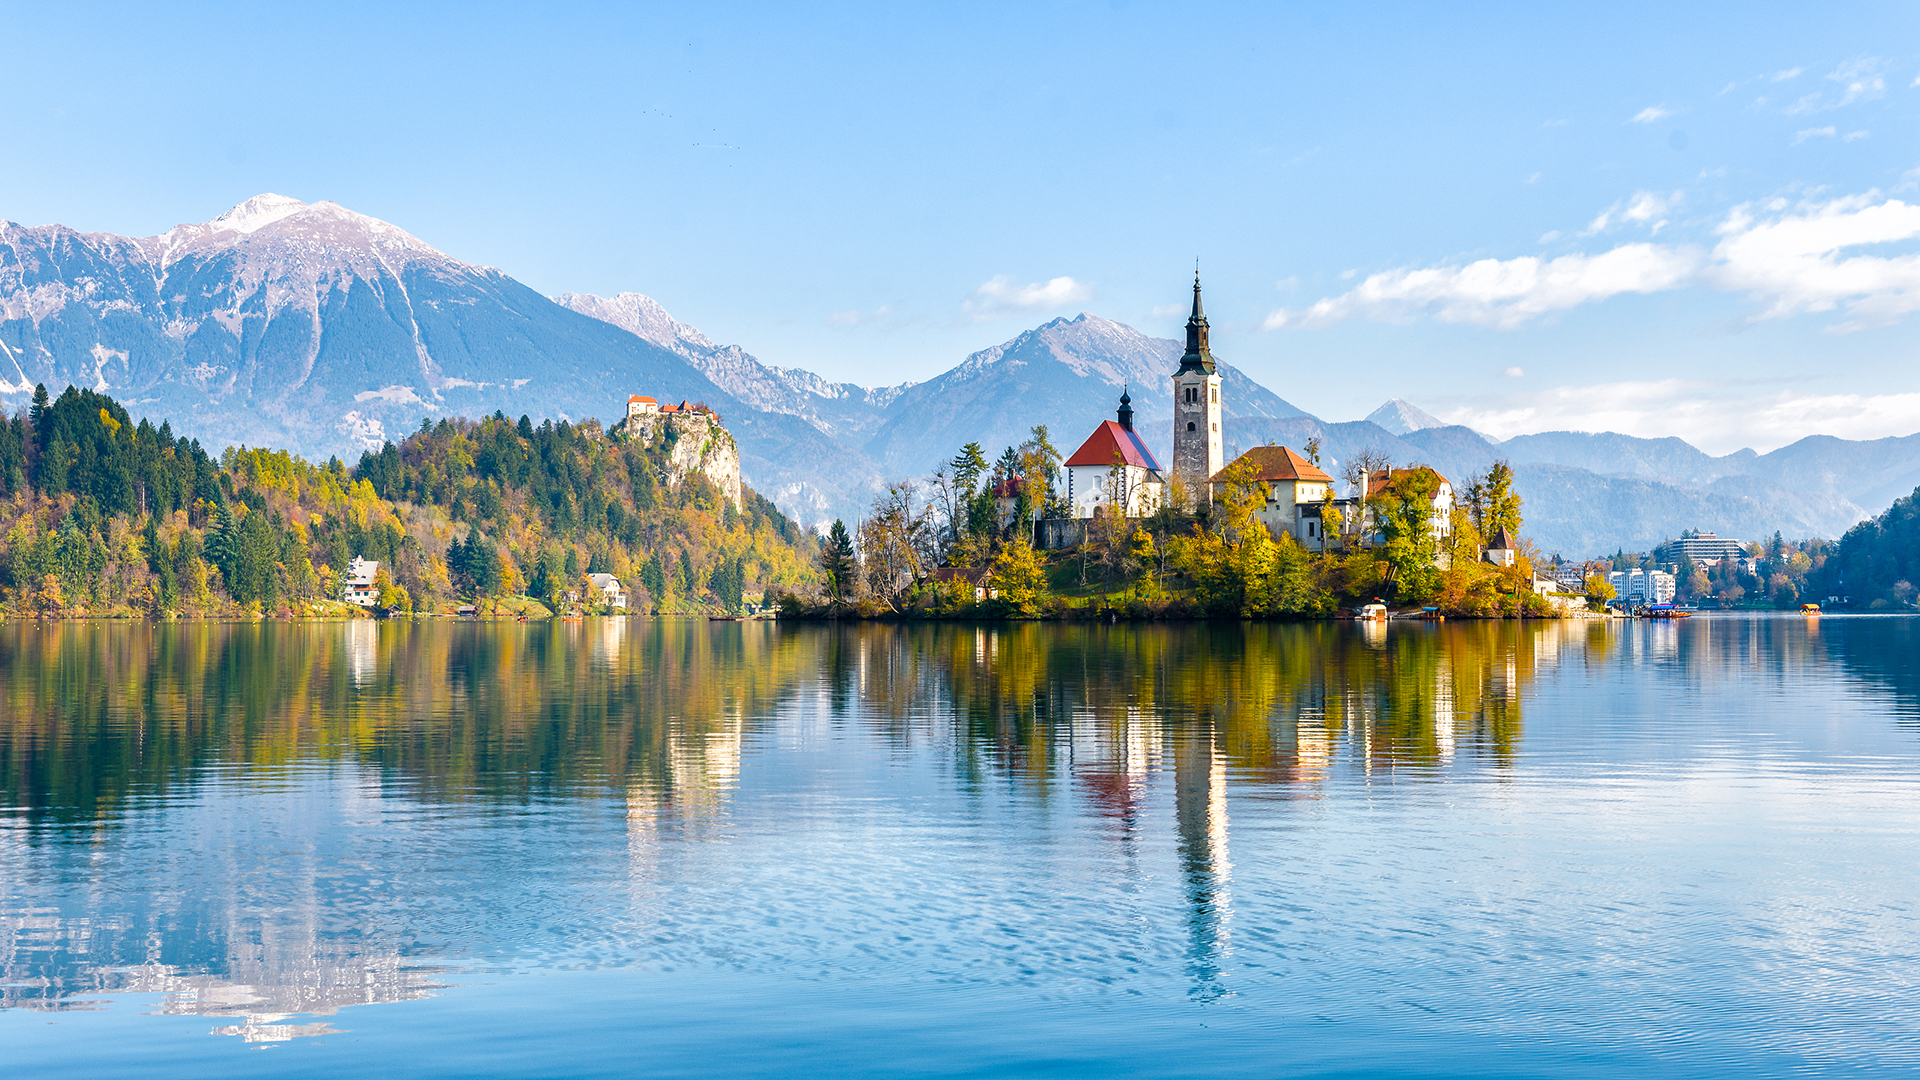 Un paraíso de picos nevados, ríos verde turquesa y costas venecianas, Eslovenia enriquece sus tesoros naturales con una arquitectura armoniosa, una cultura rústica encantadora y una gastronomía sofisticada